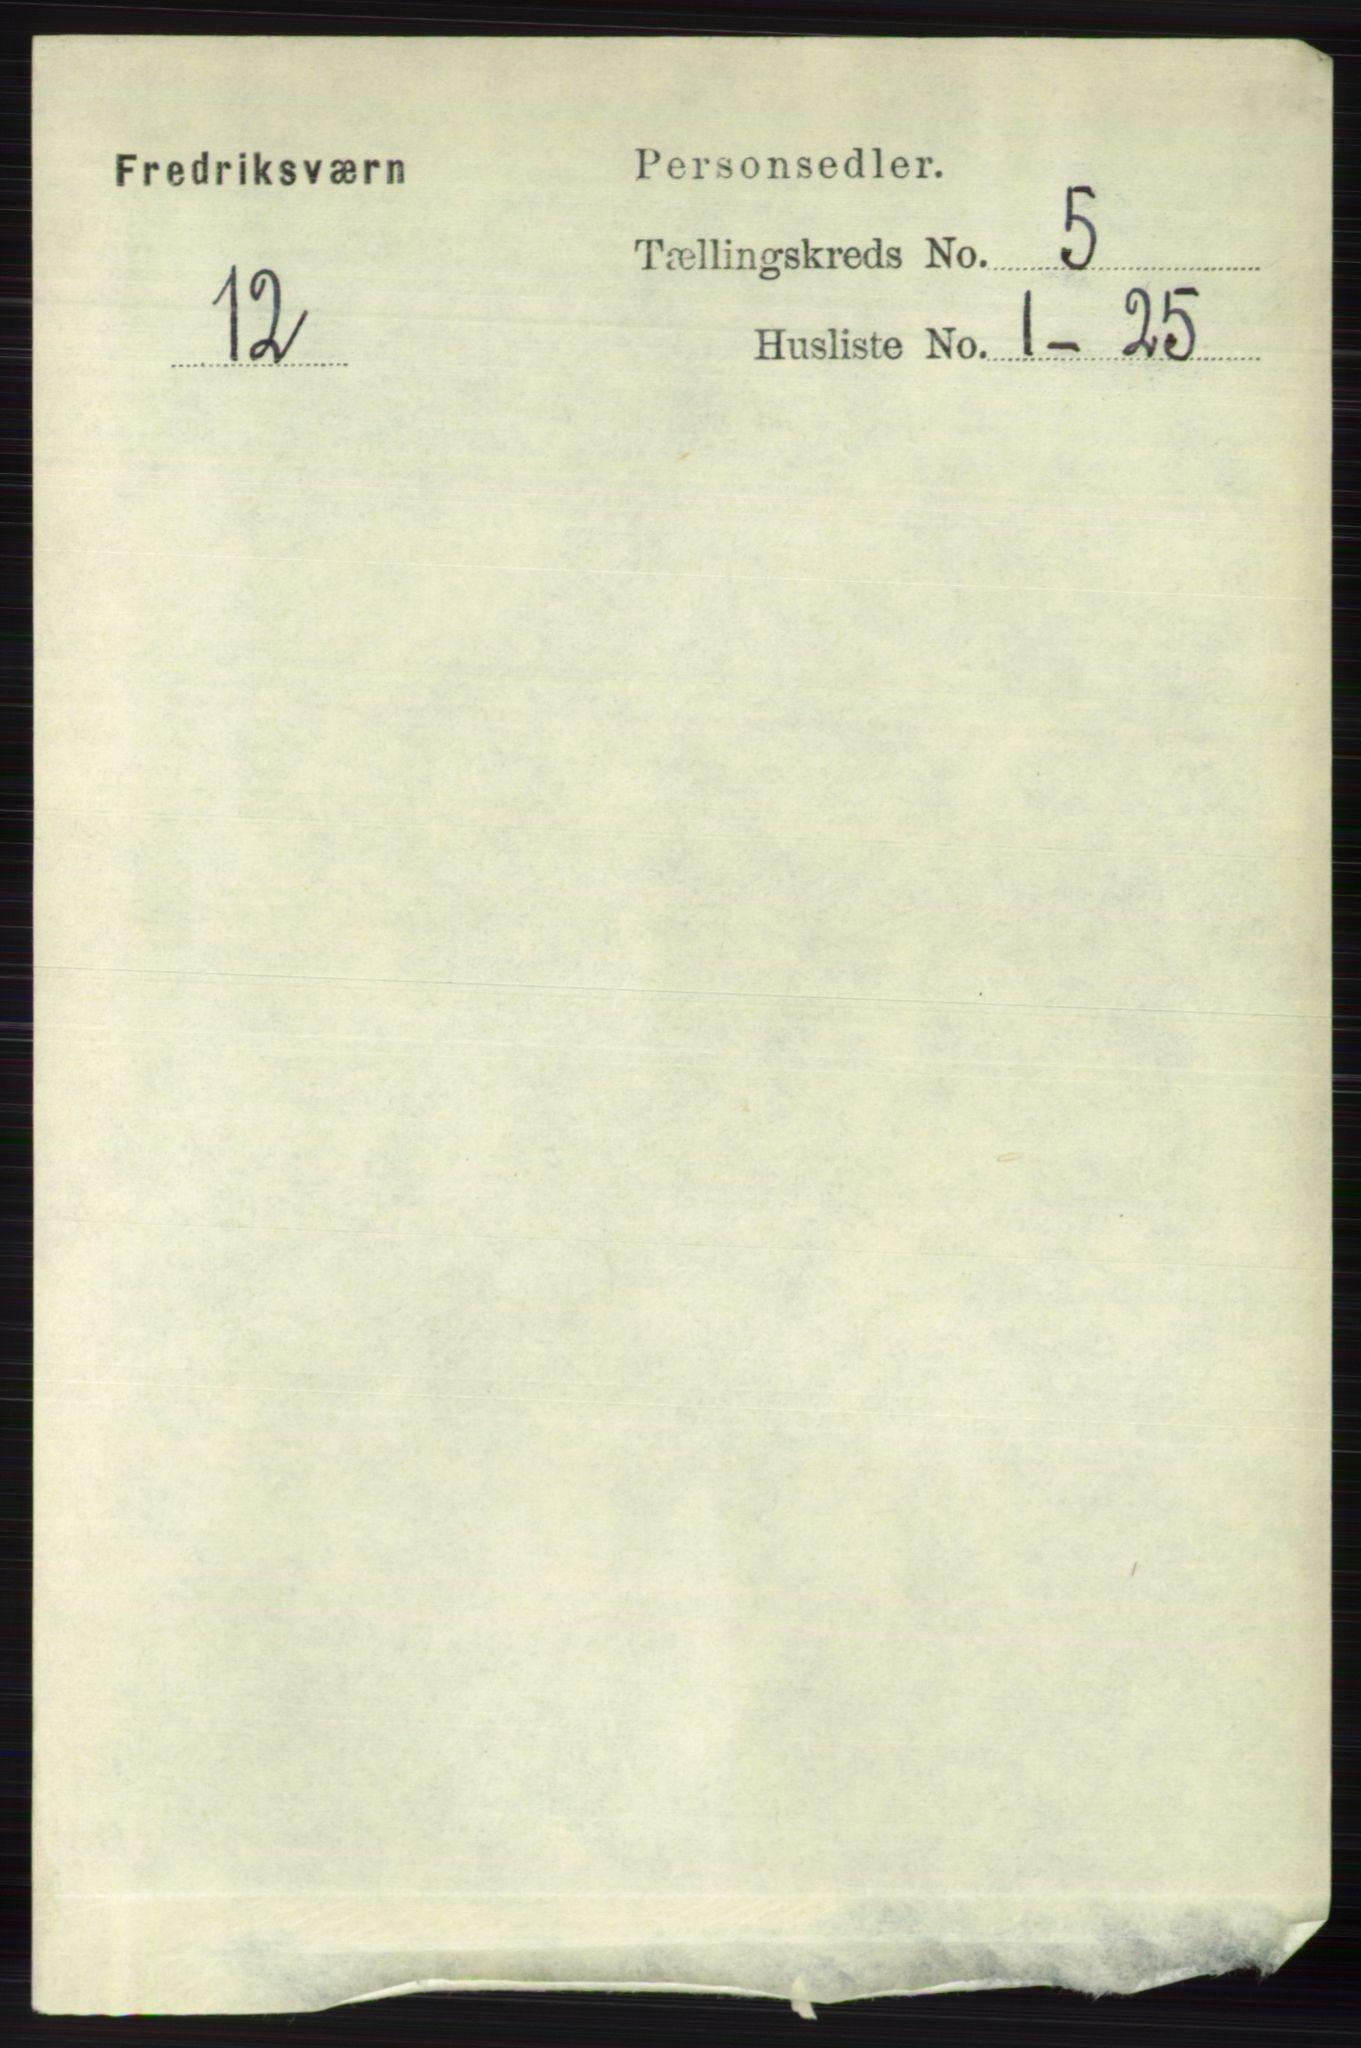 RA, Folketelling 1891 for 0798 Fredriksvern herred, 1891, s. 1032